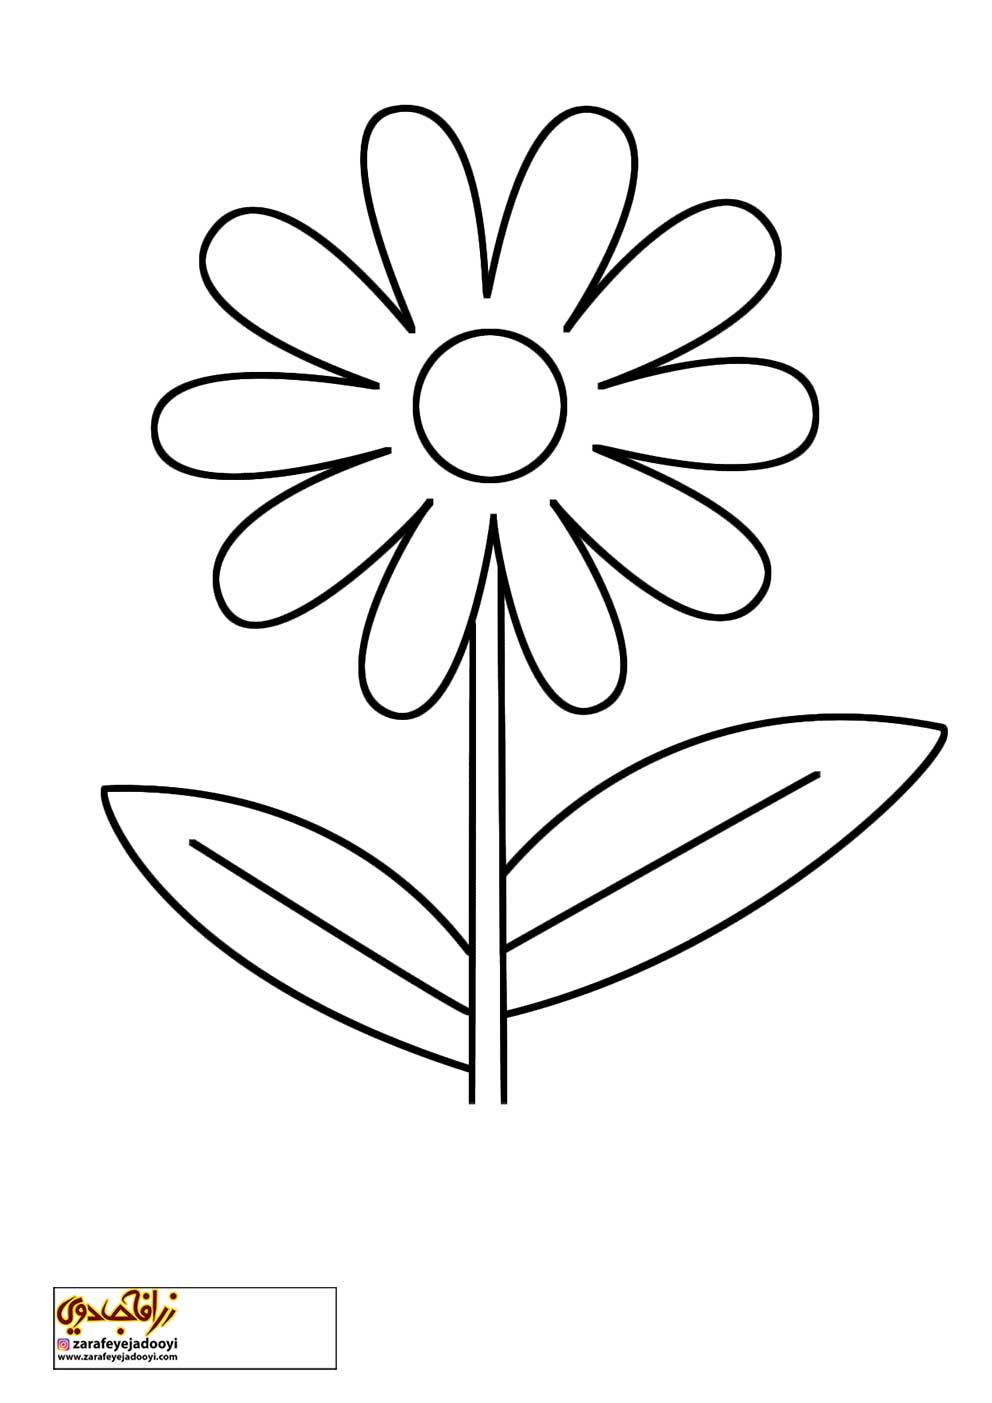 زرافه-جادویی-نقاشی-گل-02